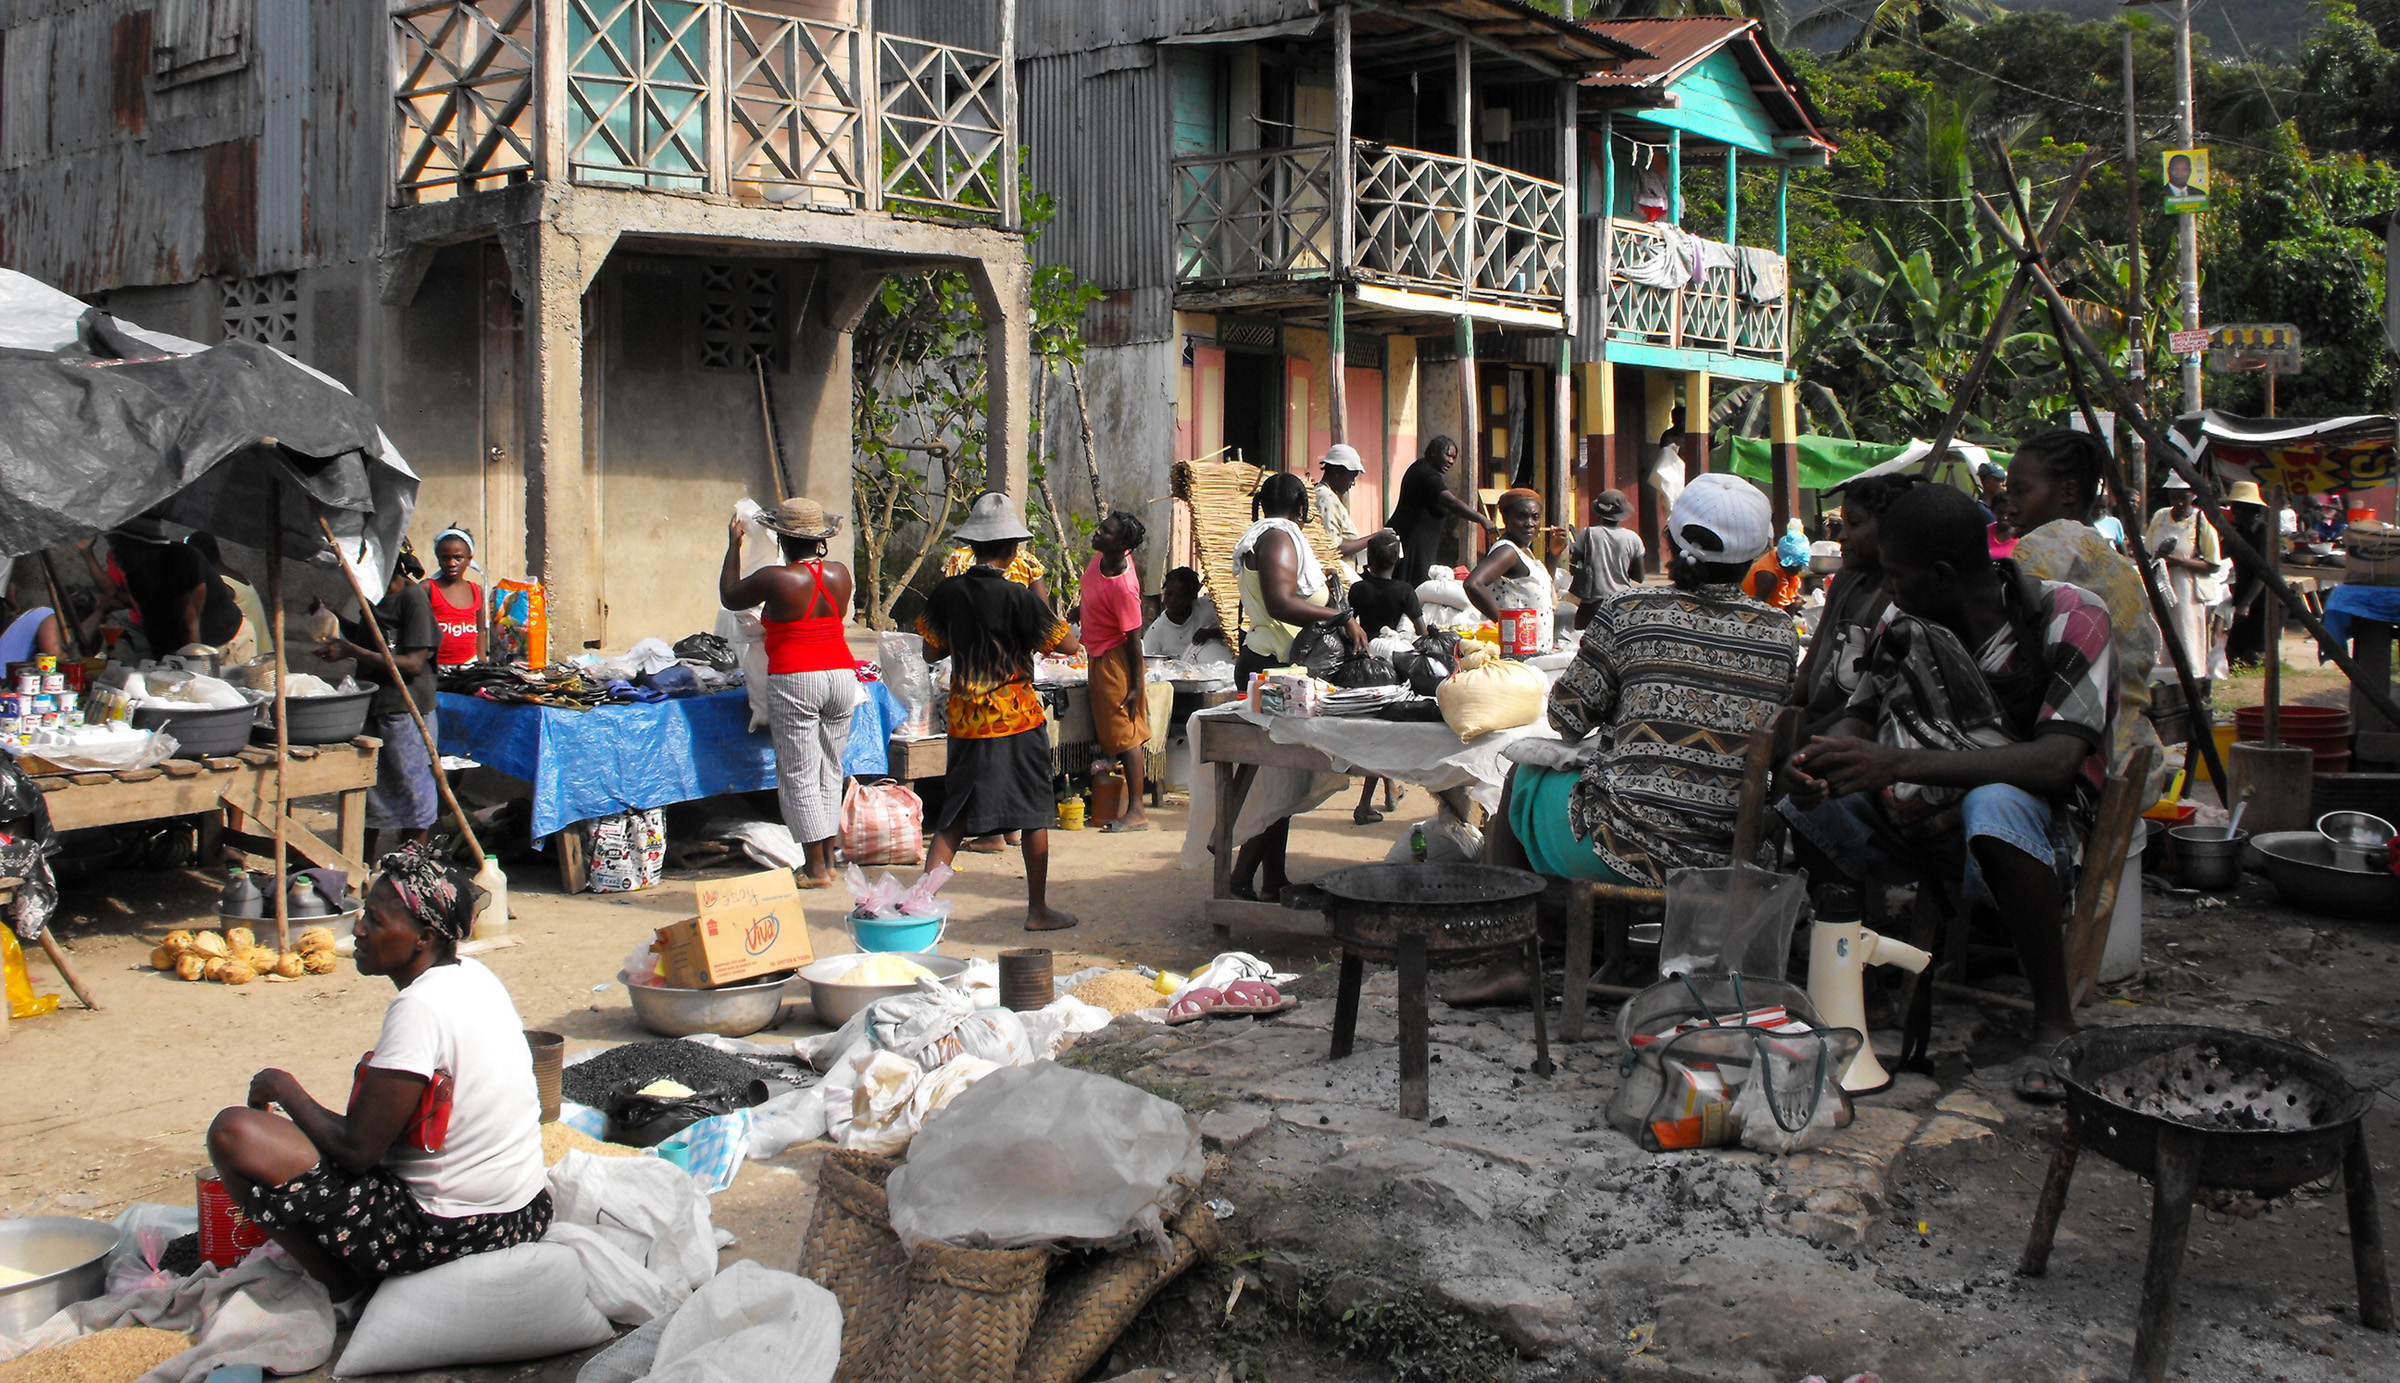 Market in Baraderes, Haiti - by Thomas Hackl